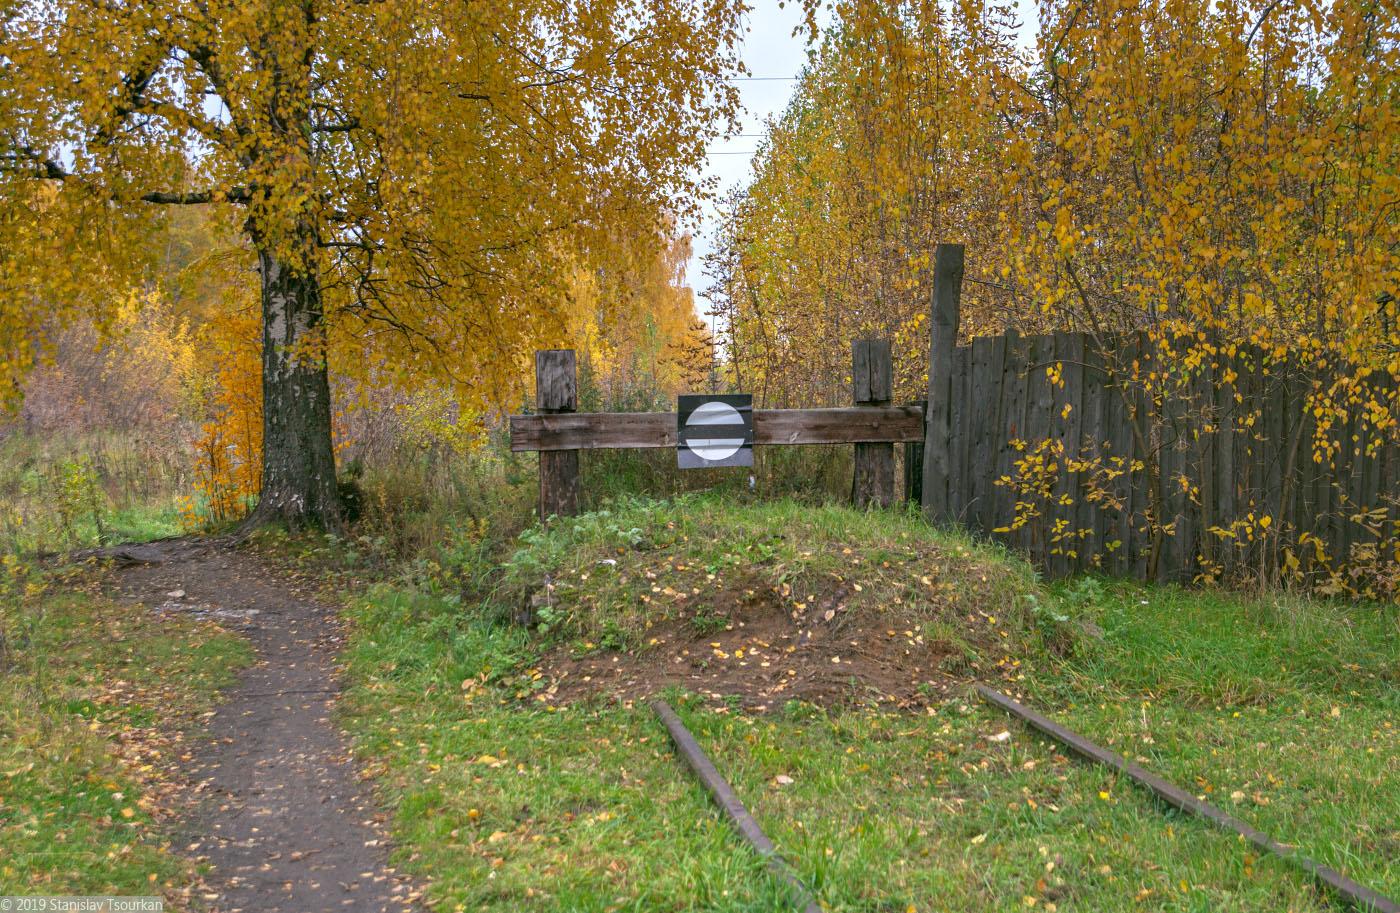 Весьегонск, Тверская область, ж/д, железная дорога, станция Весьегонск, тупик, тупиковая призма